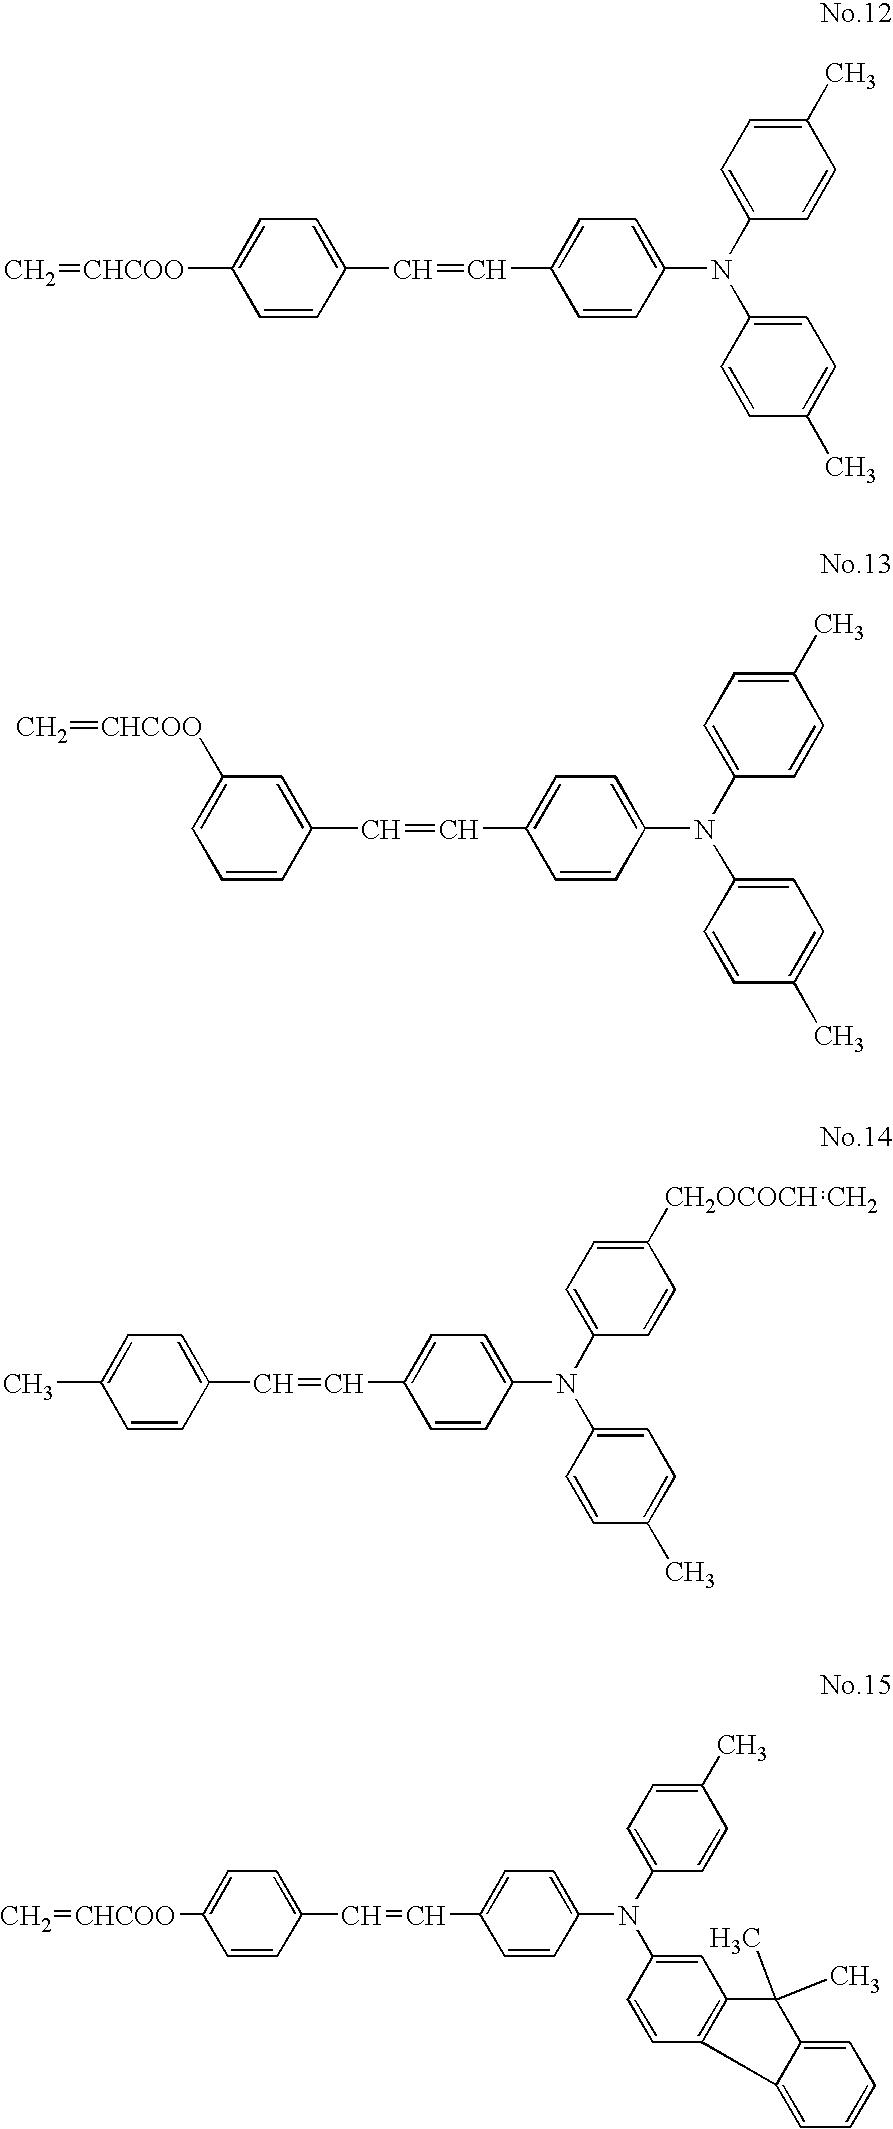 Figure US07507509-20090324-C00008